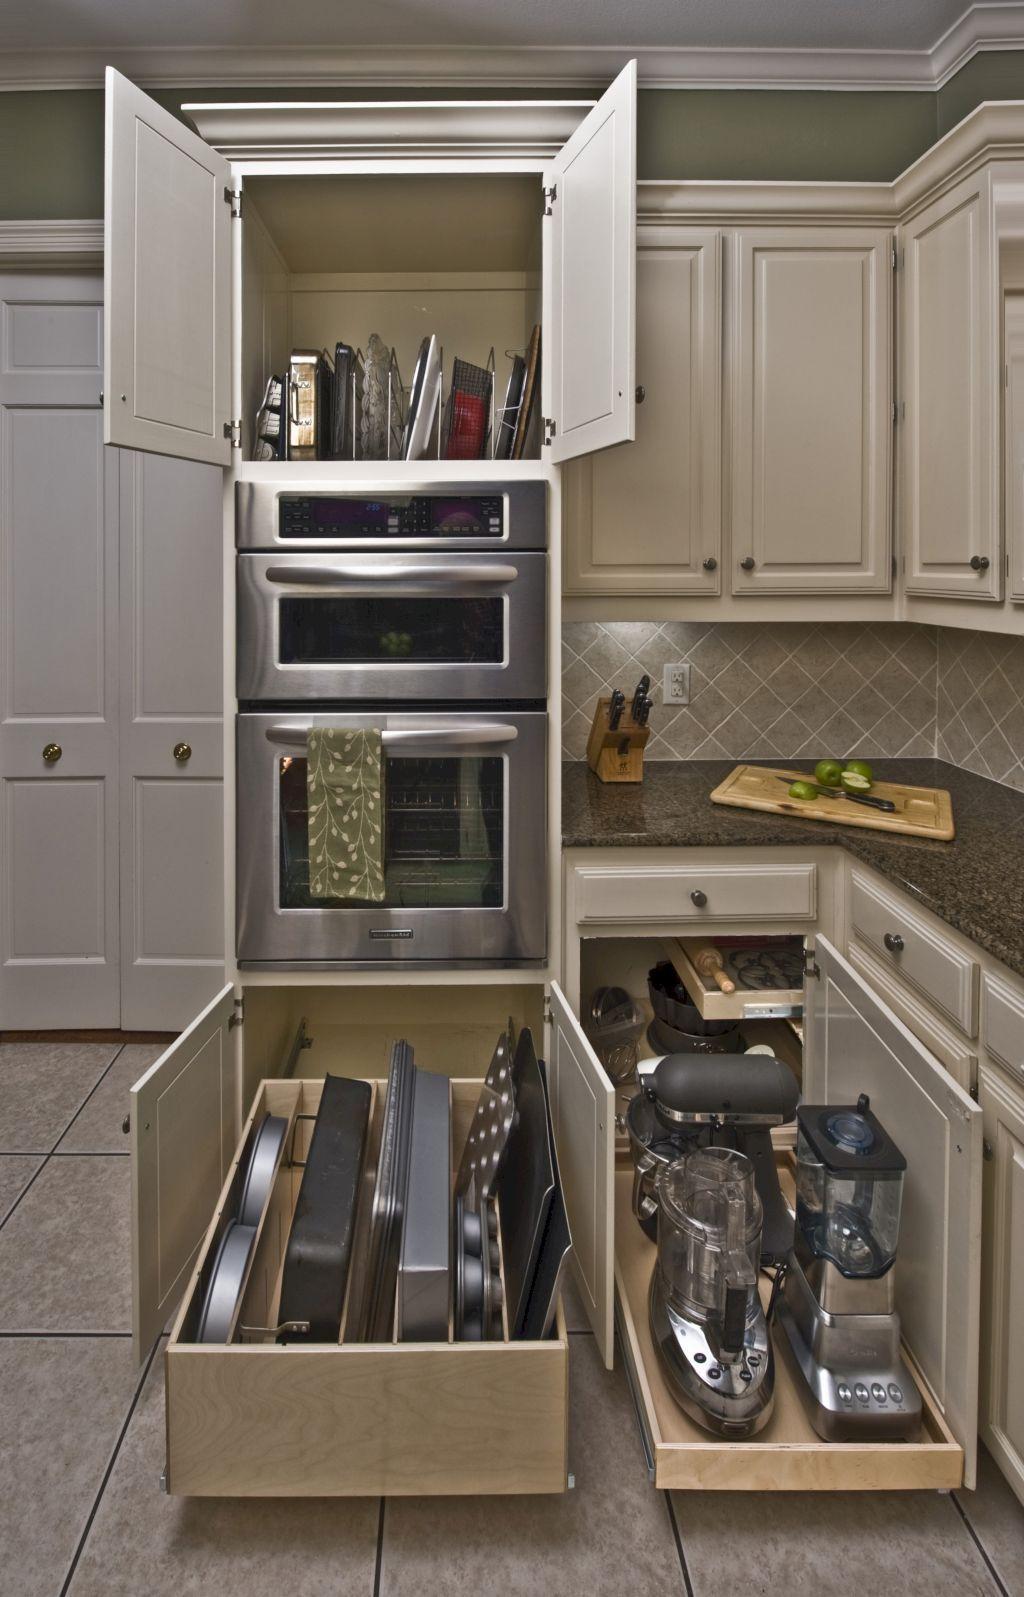 Pin by amber hill on kitchen storage pinterest kitchen kitchen